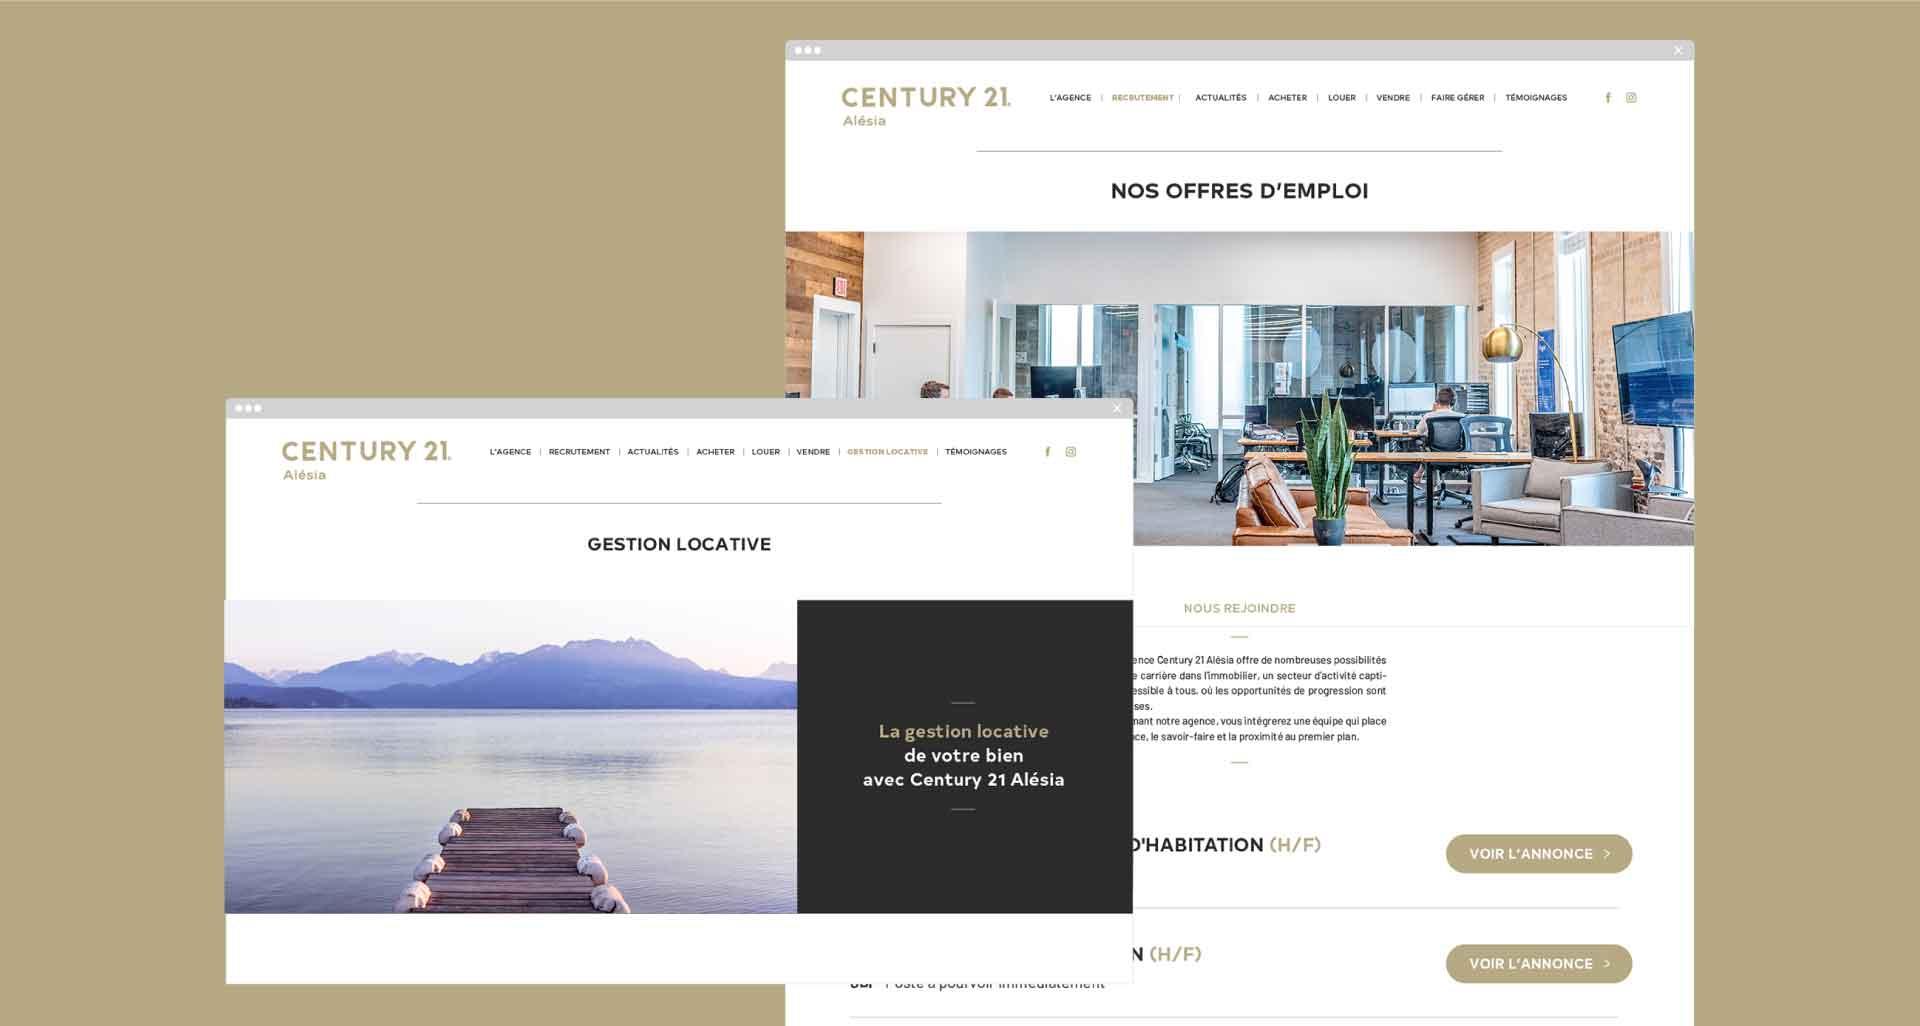 Site Internet pour Century 21 Alesia par l'agence Cassian